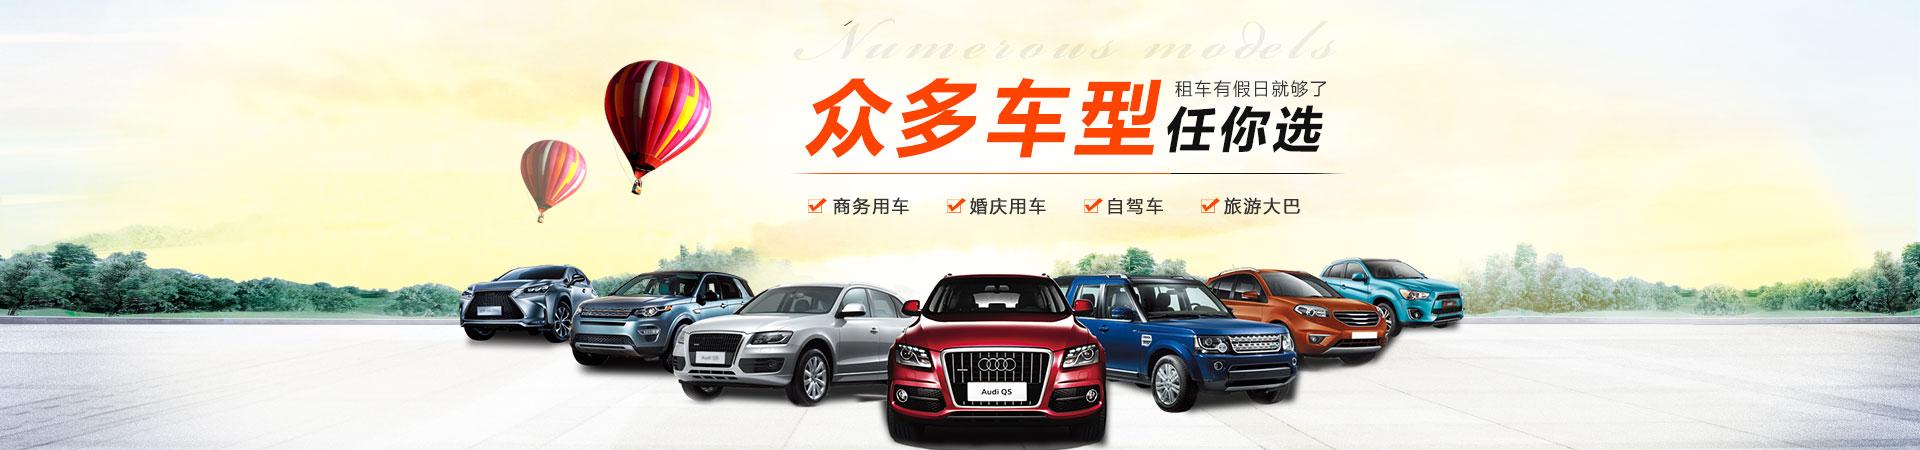 上海租車公司